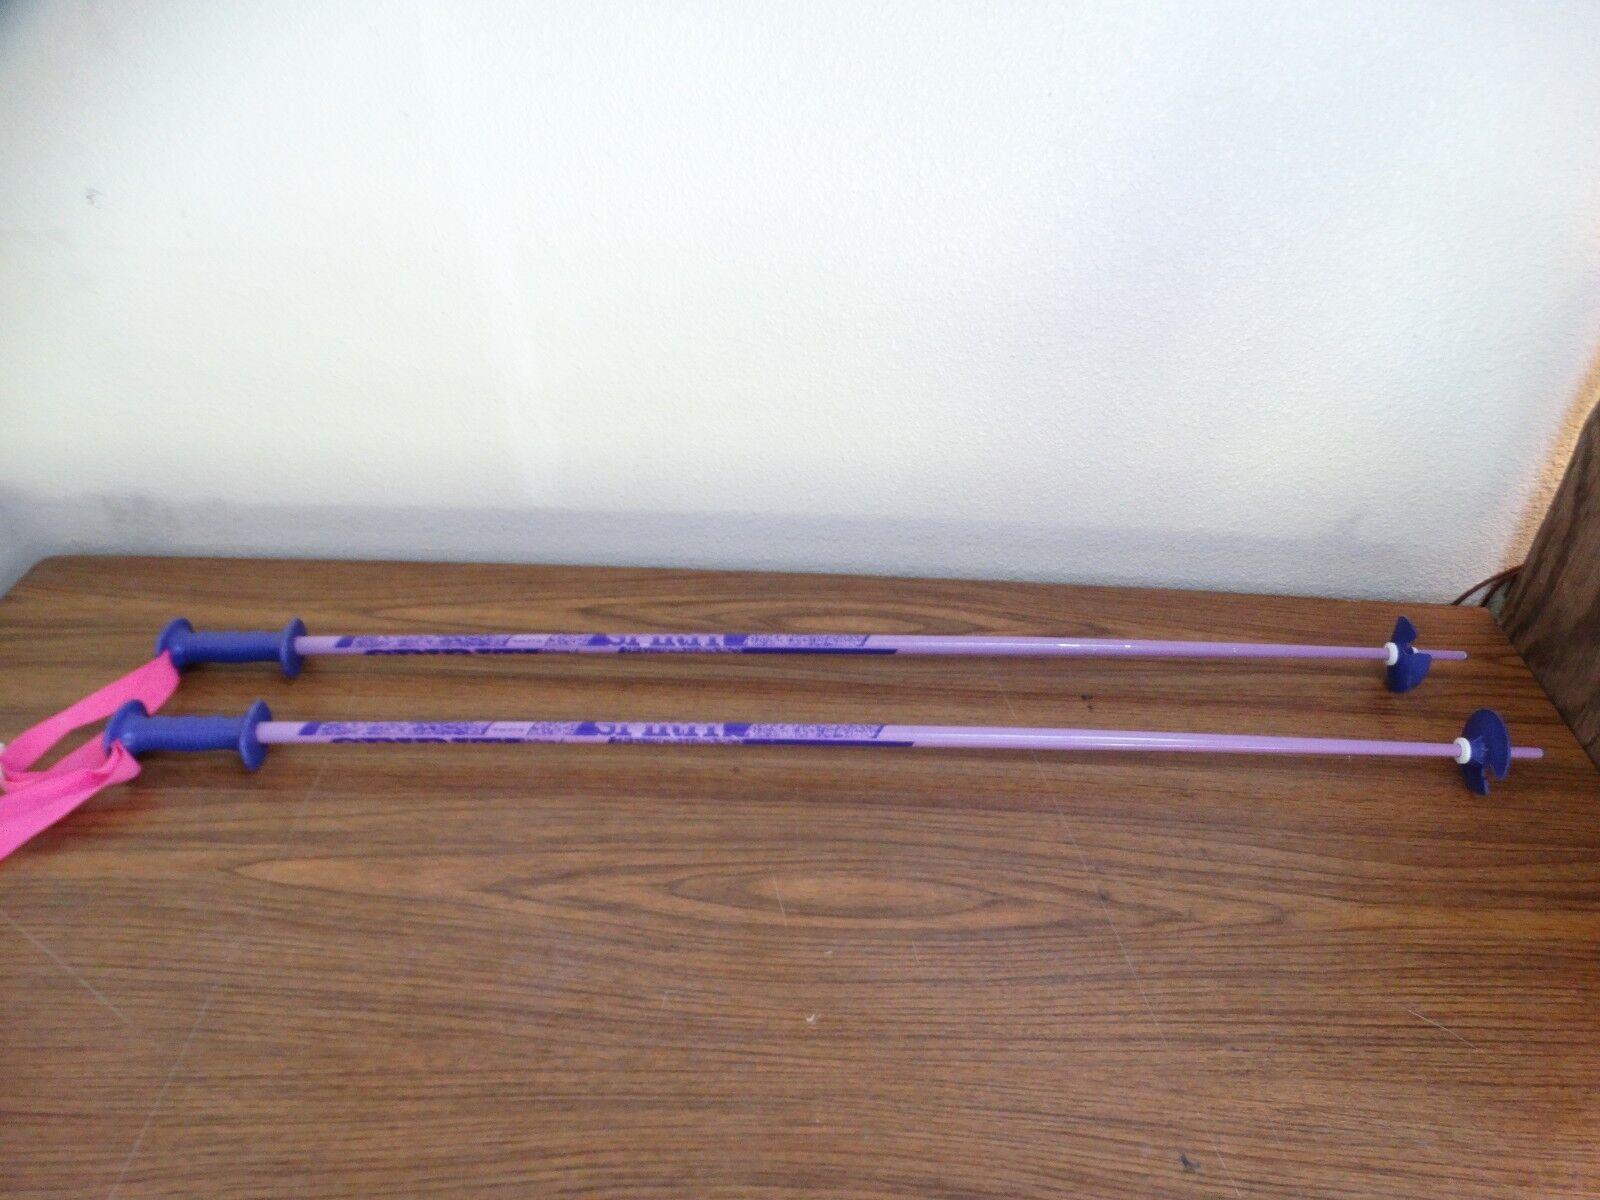 KOMPERDELL SPIRIT lila TREKKING POLES 47  120 CM